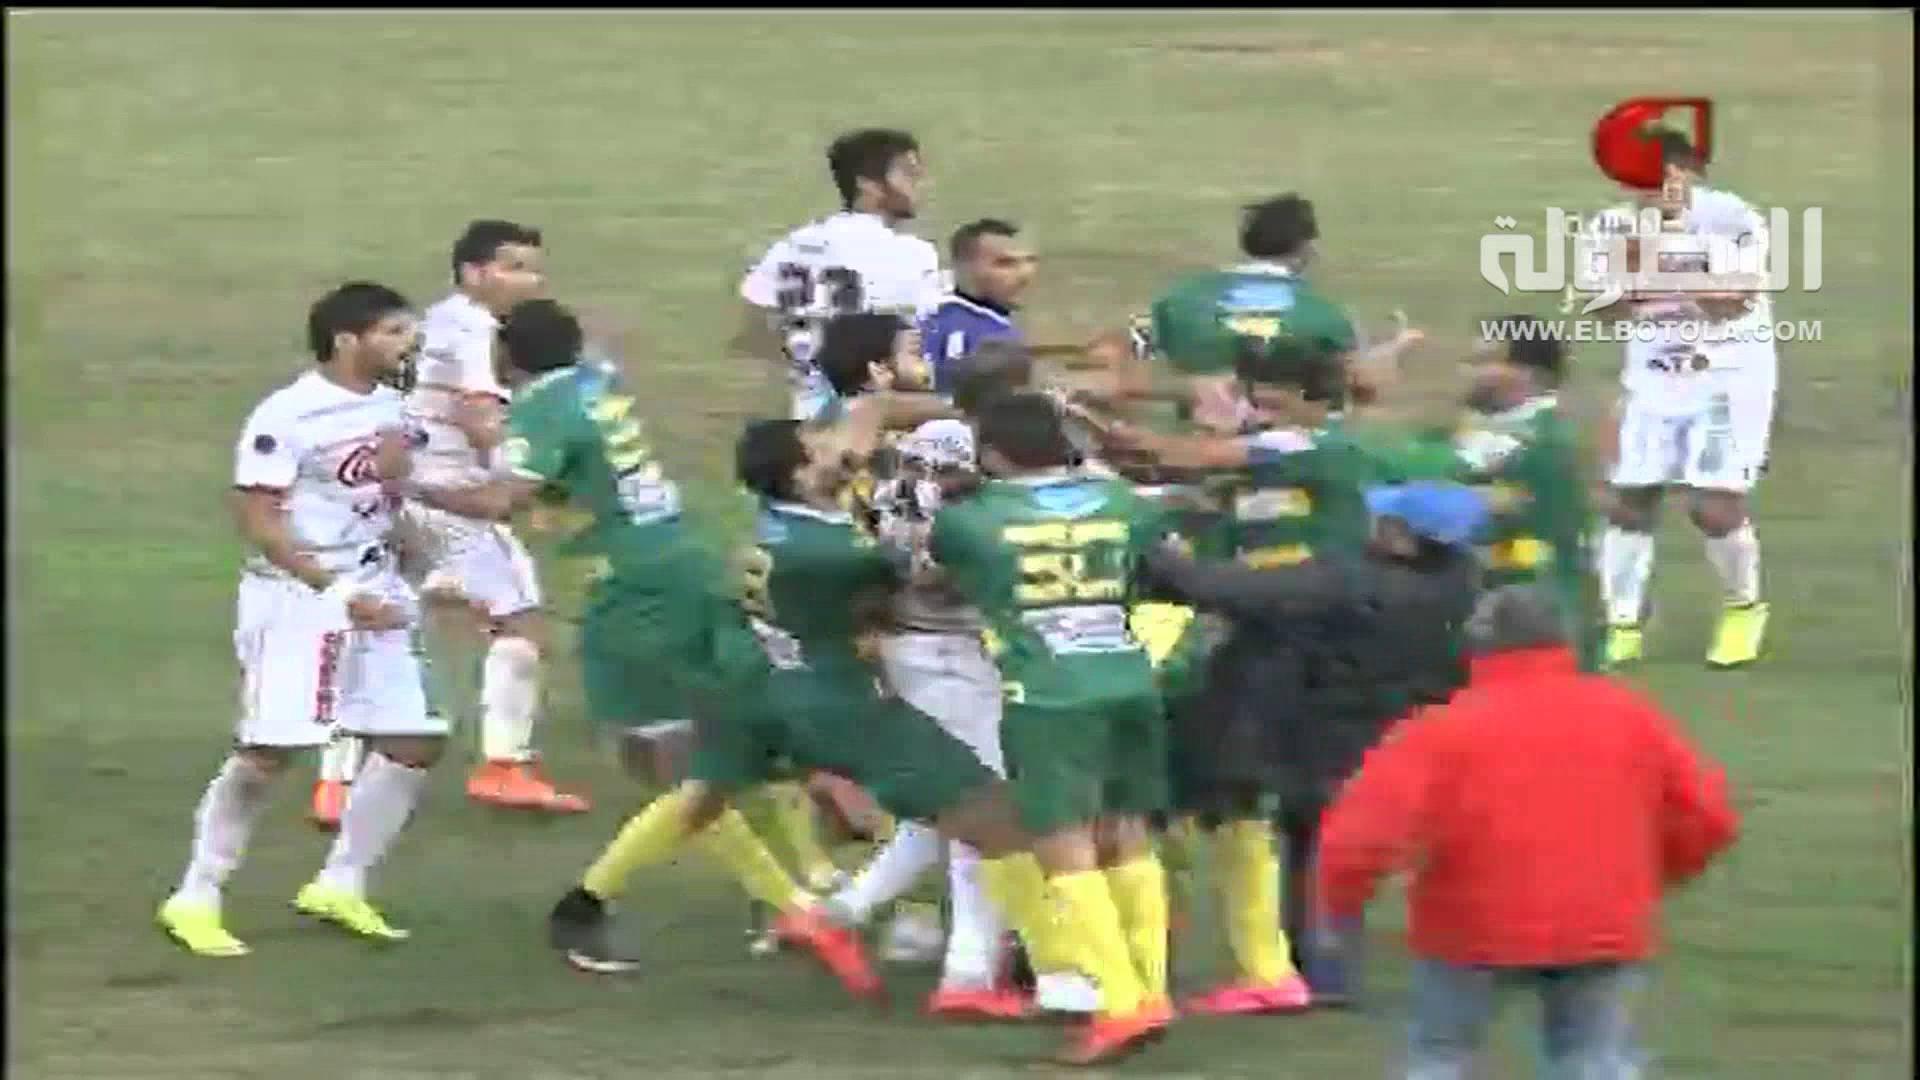 مباراة في تونس تتحول إلى حلبة ملاكمة